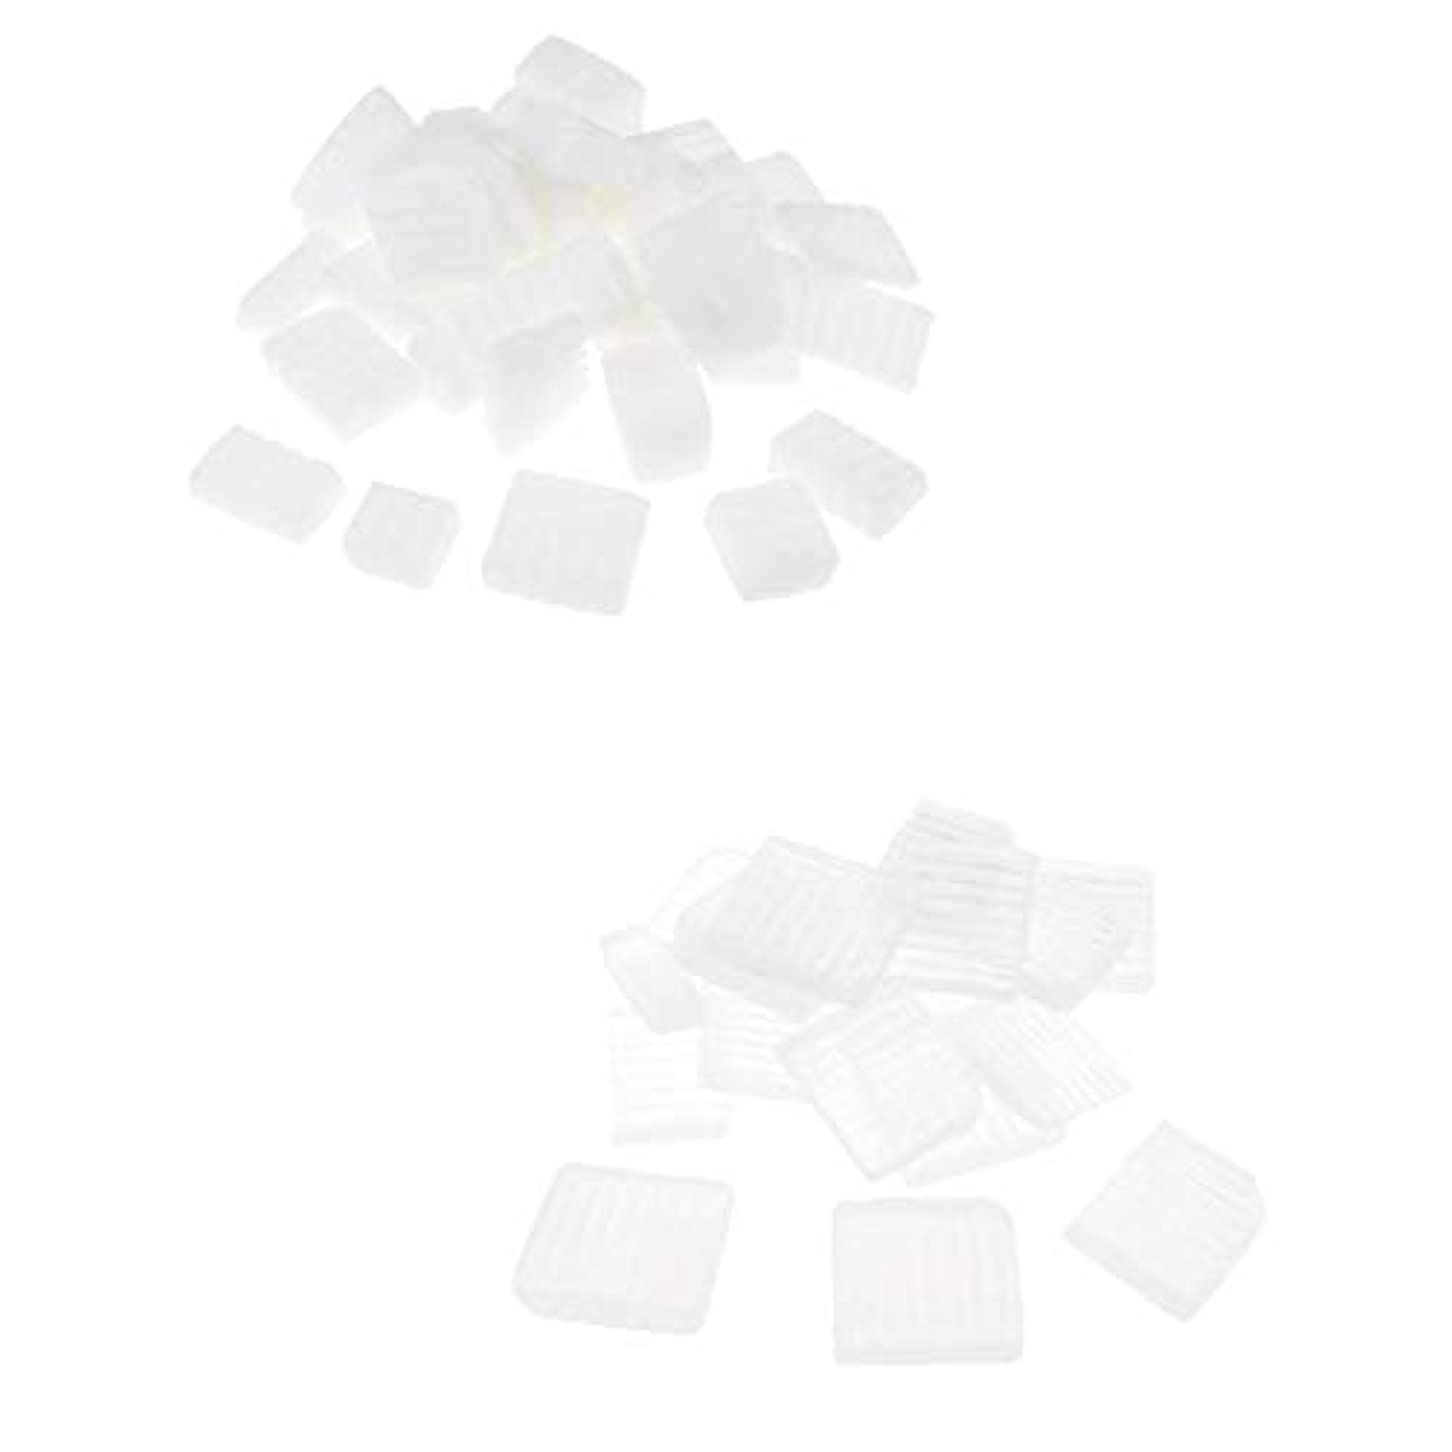 スラム街第二に陰気Perfeclan 固形せっけん ホワイト透明 手芸 バス用品 手作り ハンドメイド 石鹸製造 安全健康 2種混合